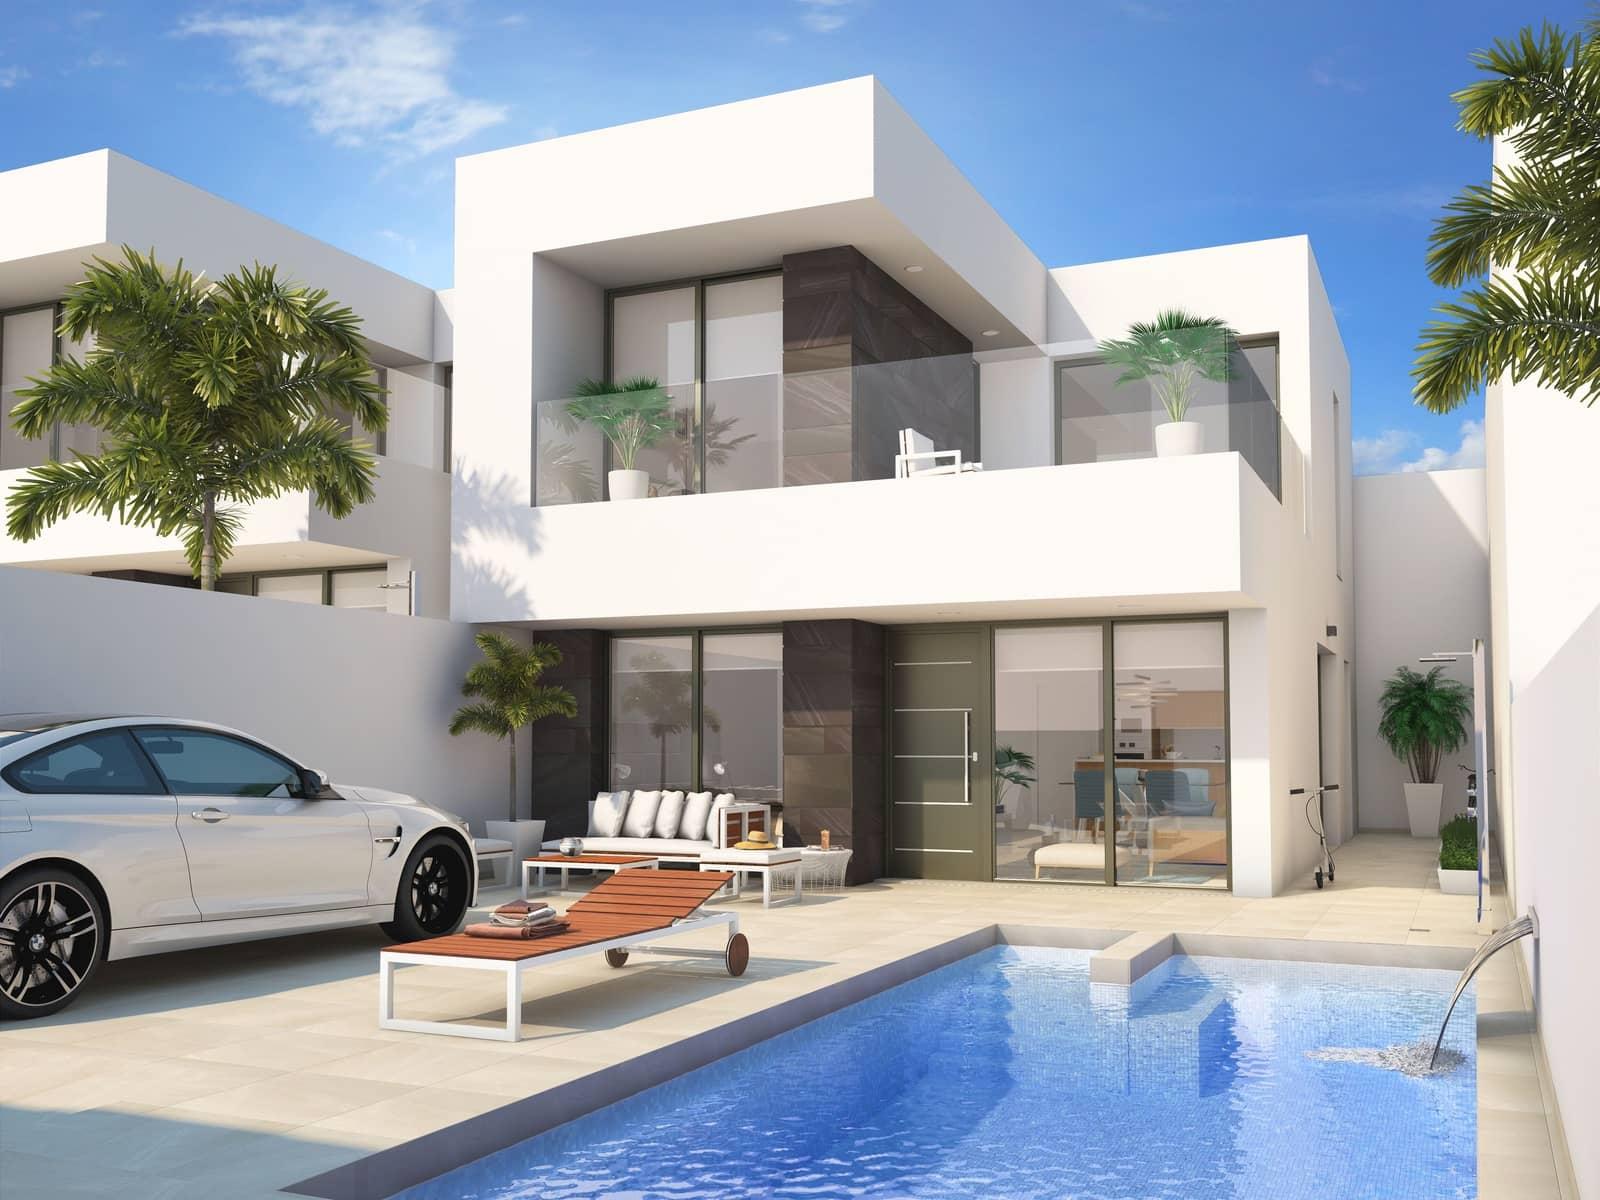 Chalet de 3 habitaciones en Benijófar en venta - 249.900 € (Ref: 4550704)